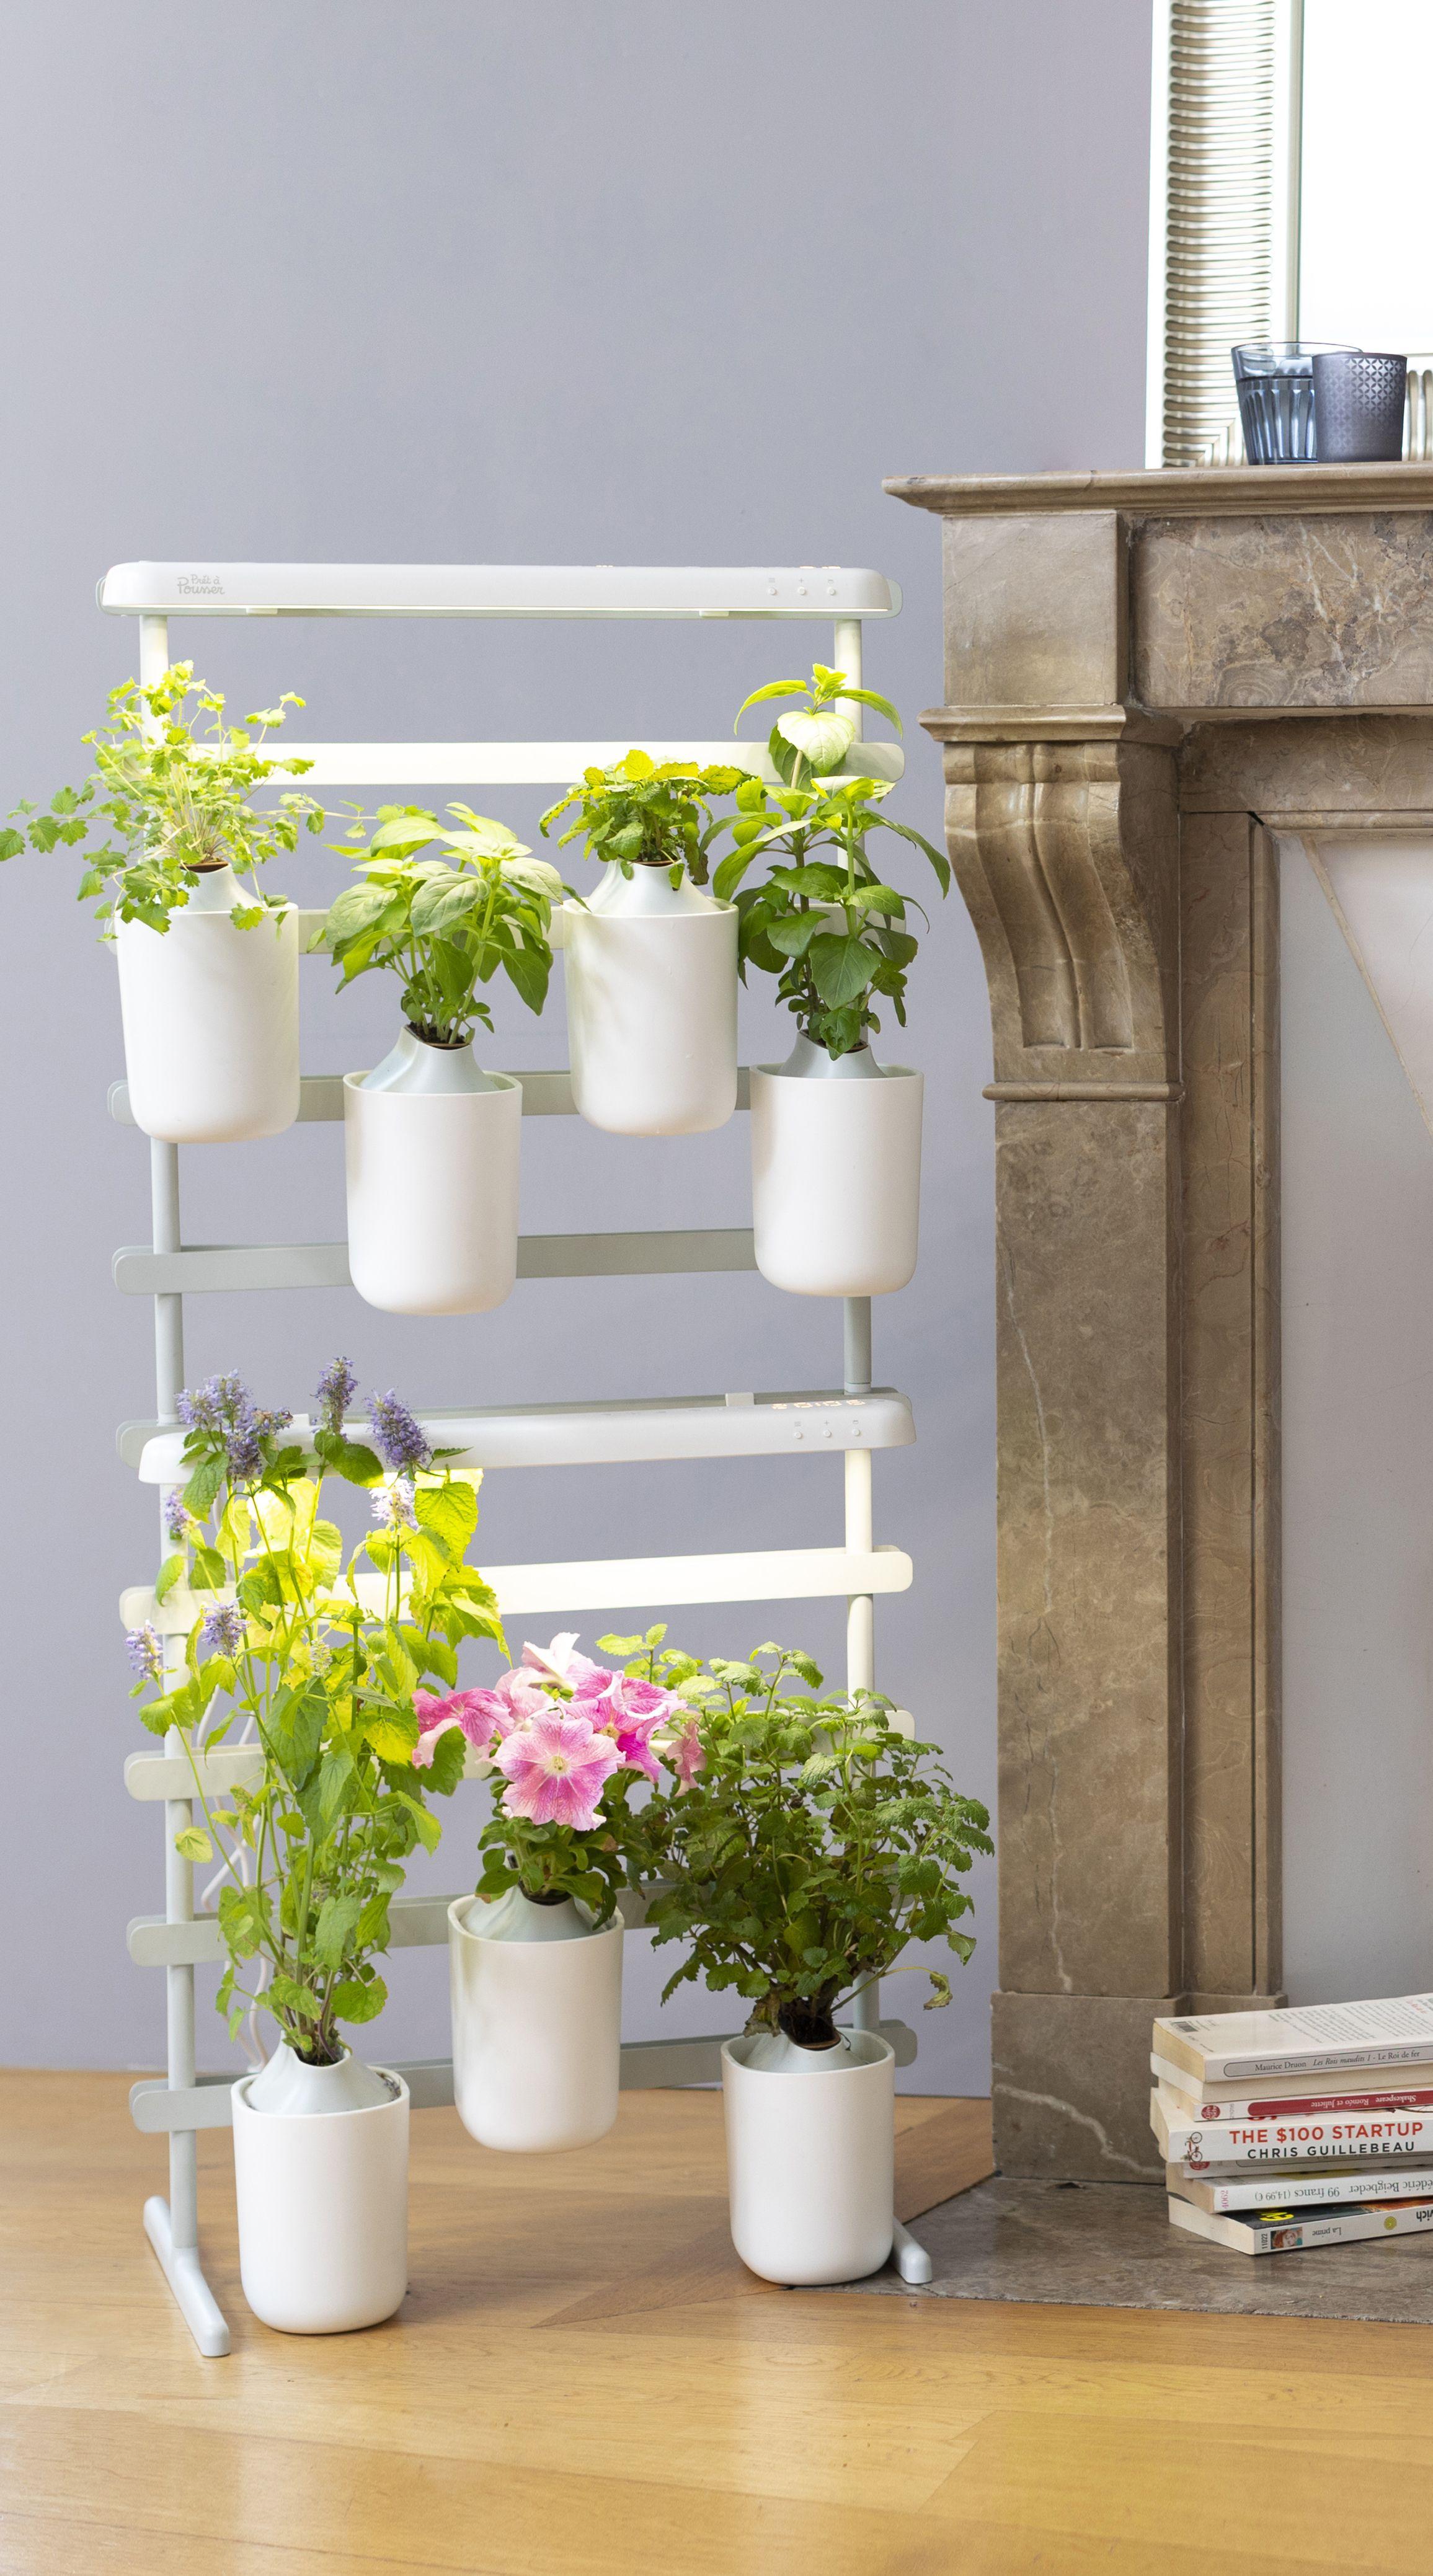 Faire Pousser Du Persil En Appartement modulo | jardinage de légumes d'intérieur, potager et